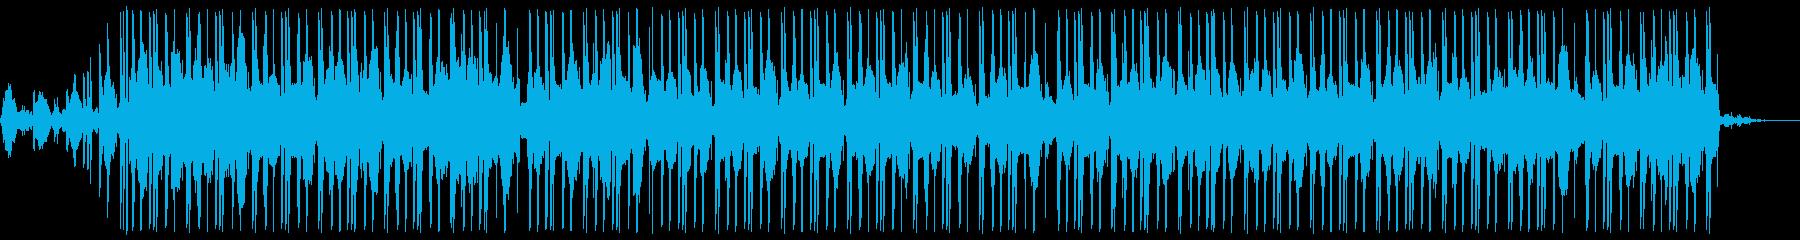 水とピアノの旋律が生み出すビートの再生済みの波形